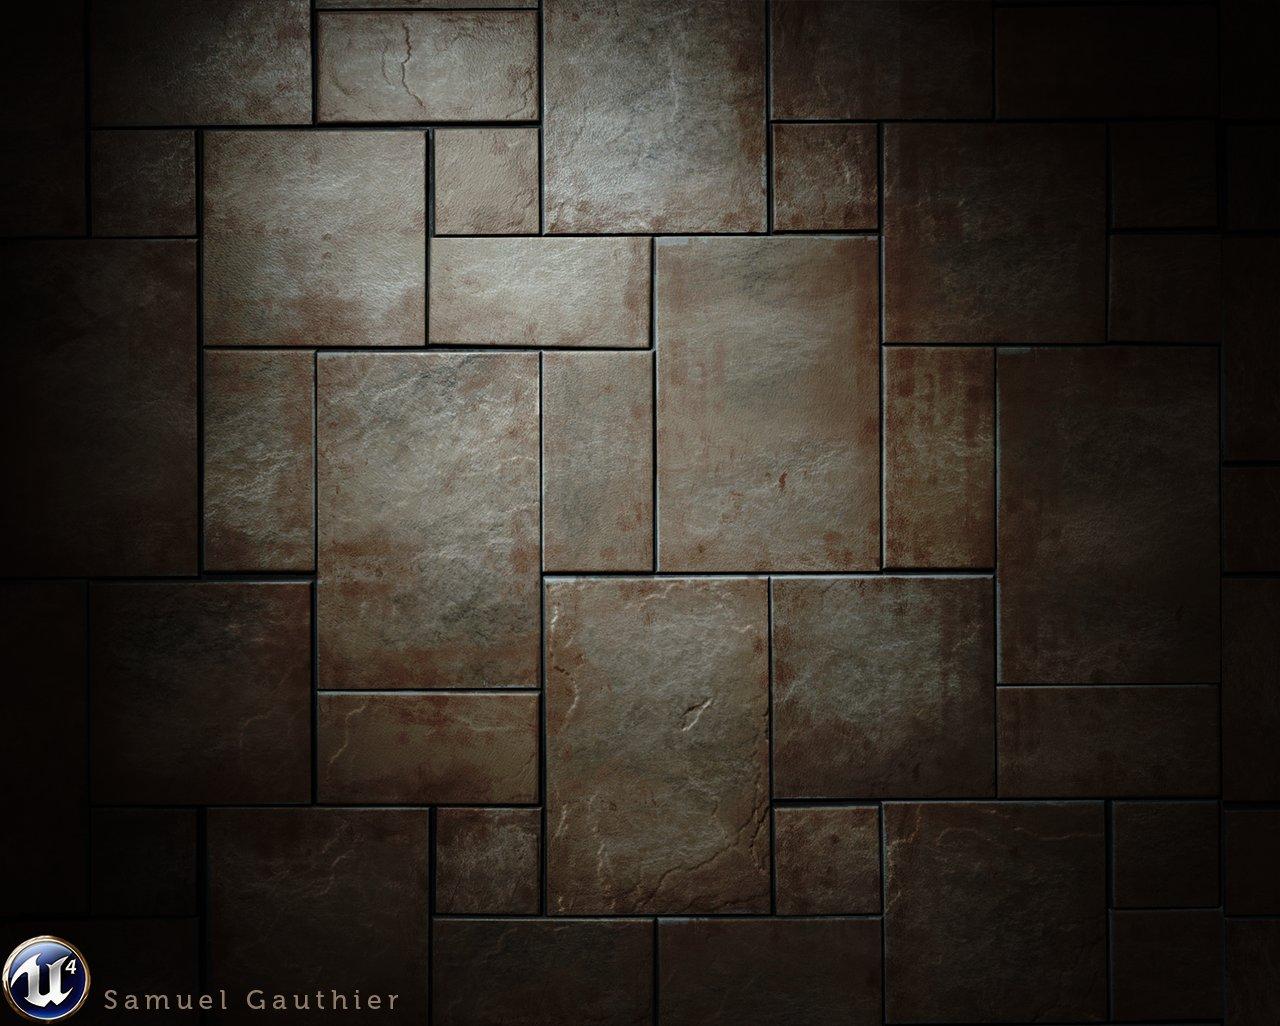 Samuel gauthier ceramic 02